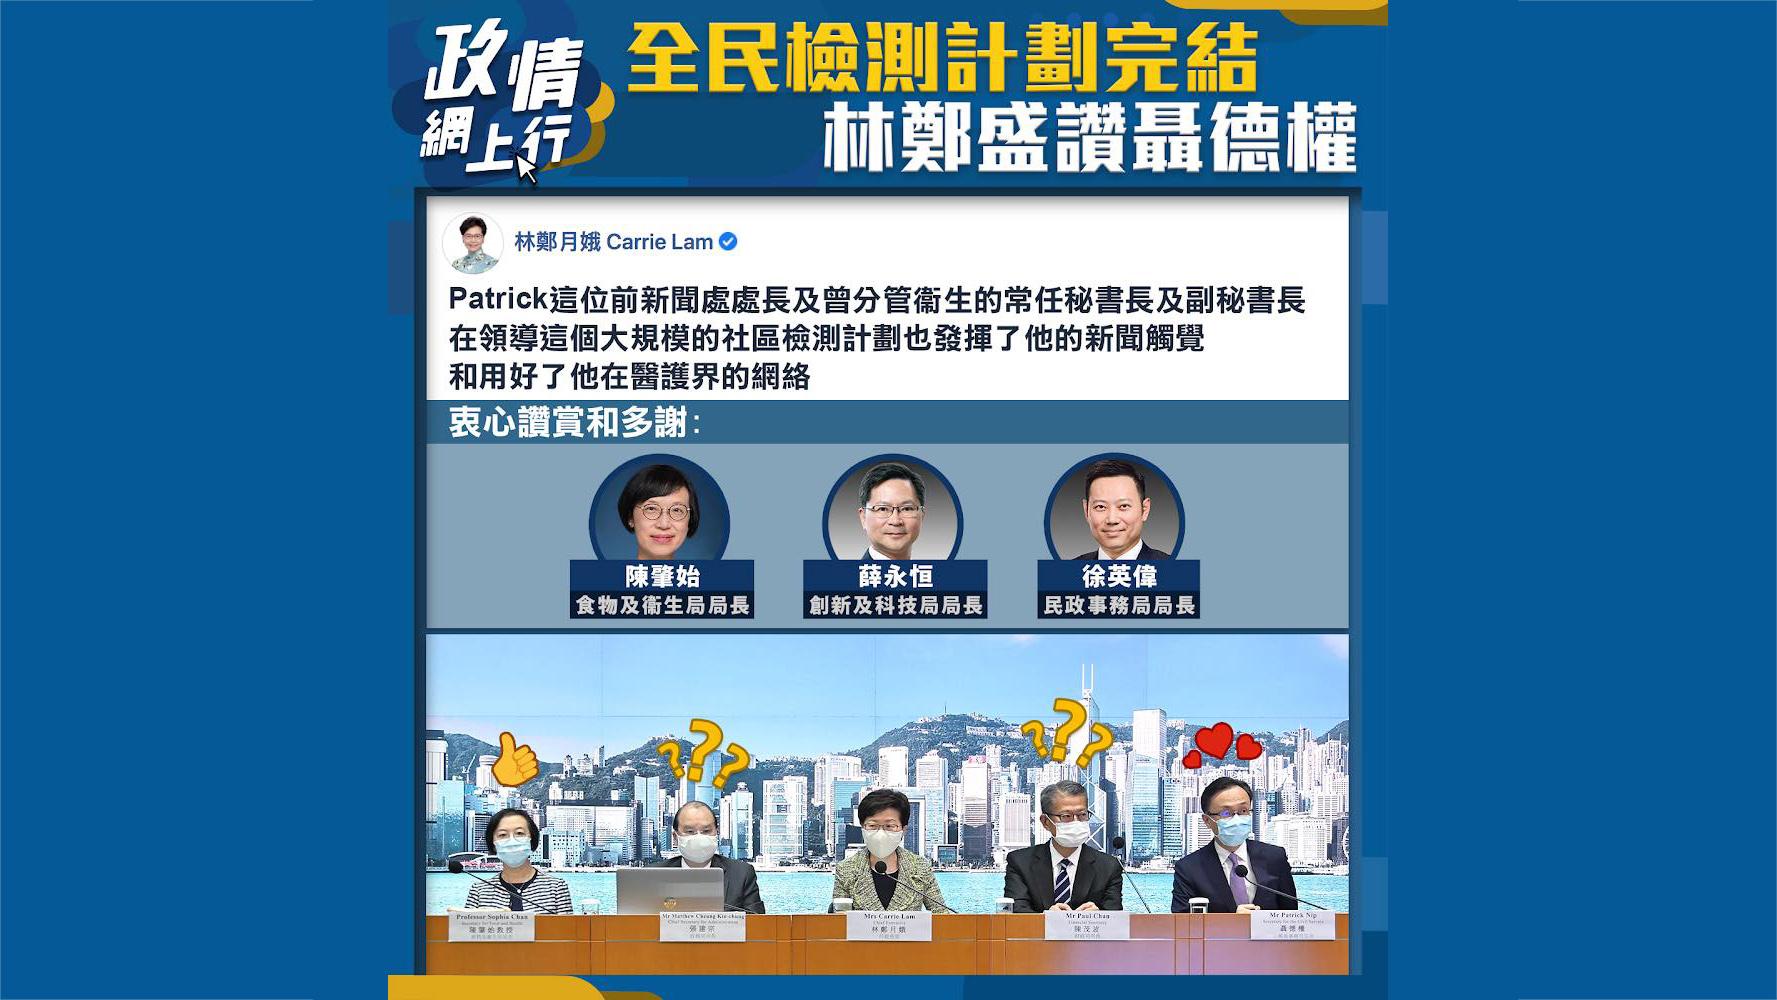 【政情網上行】全民檢測計劃完結 林鄭盛讚聶德權